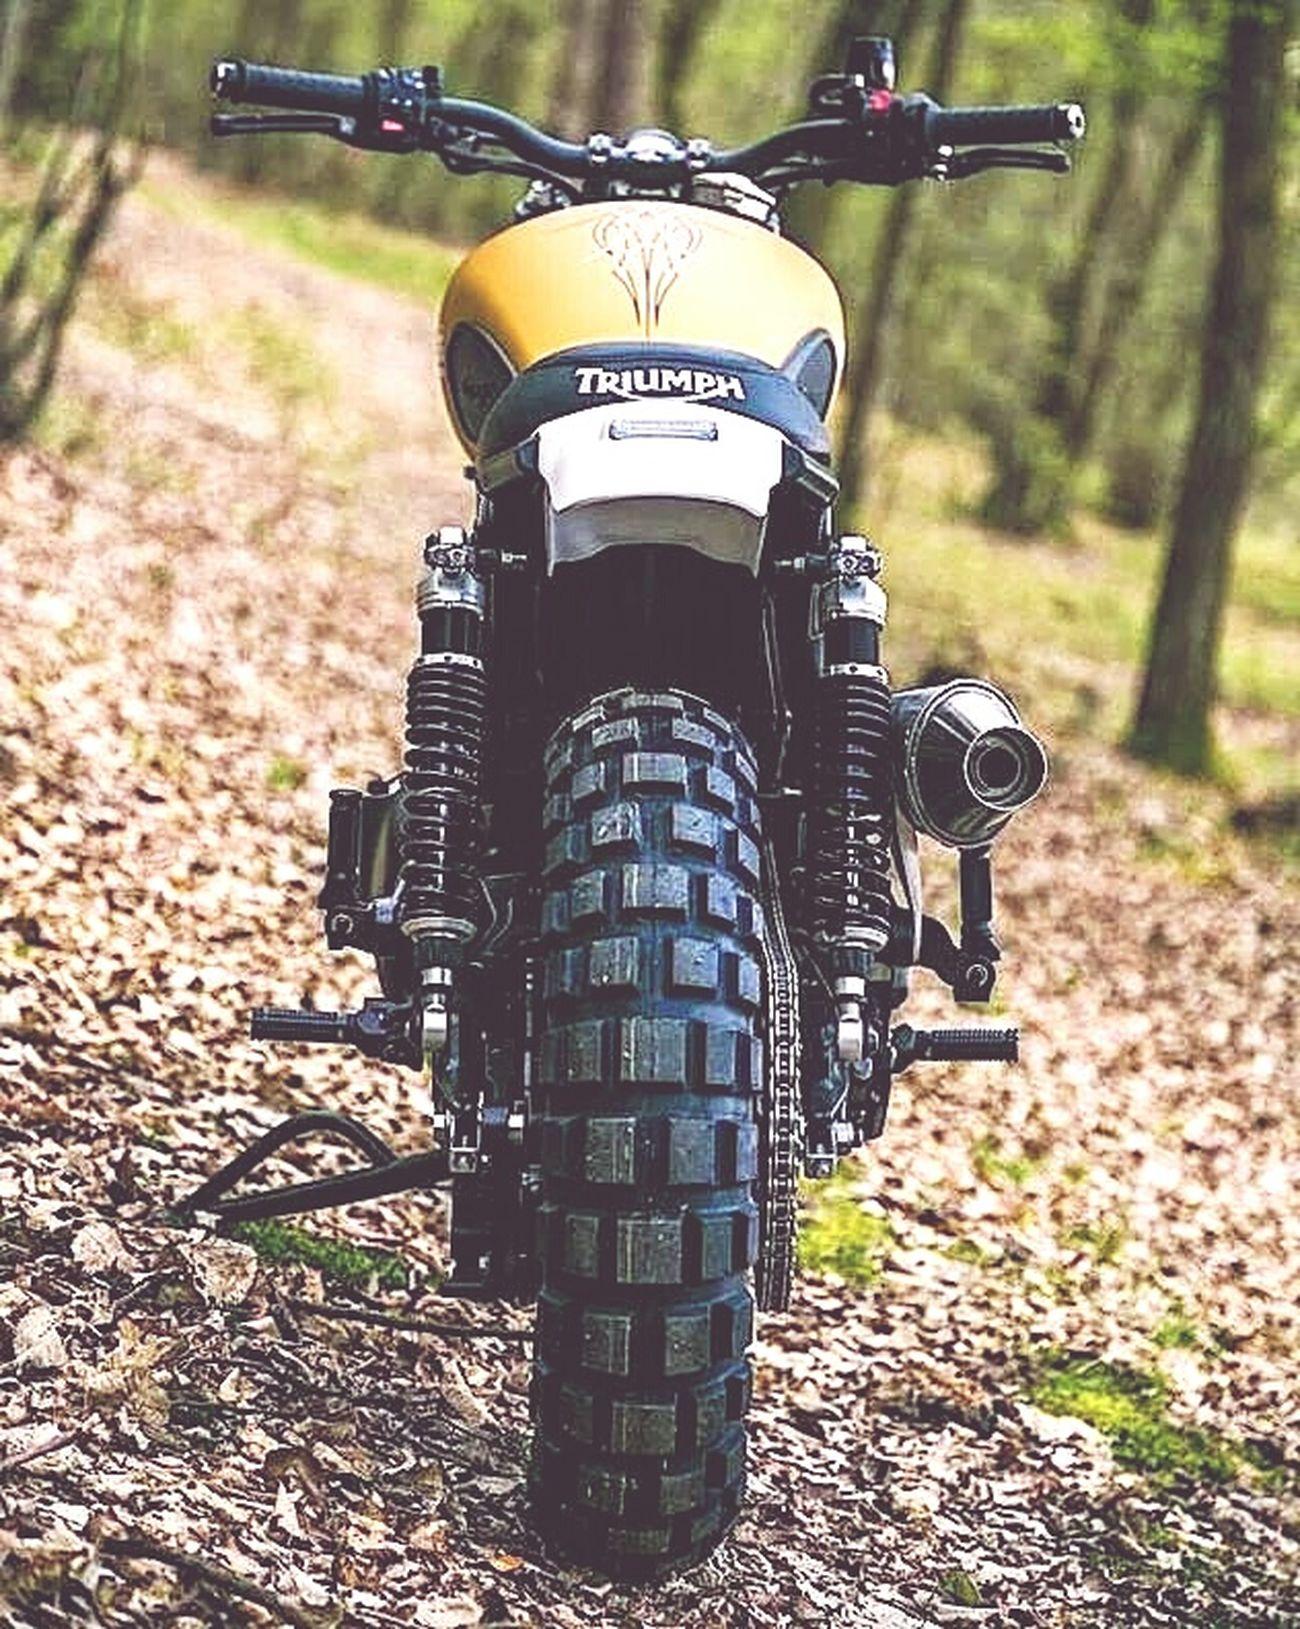 Motorcycle özgürlük Caferacer ile Dahaguzel Yollar Saygi Durusu 'na Geçer :)